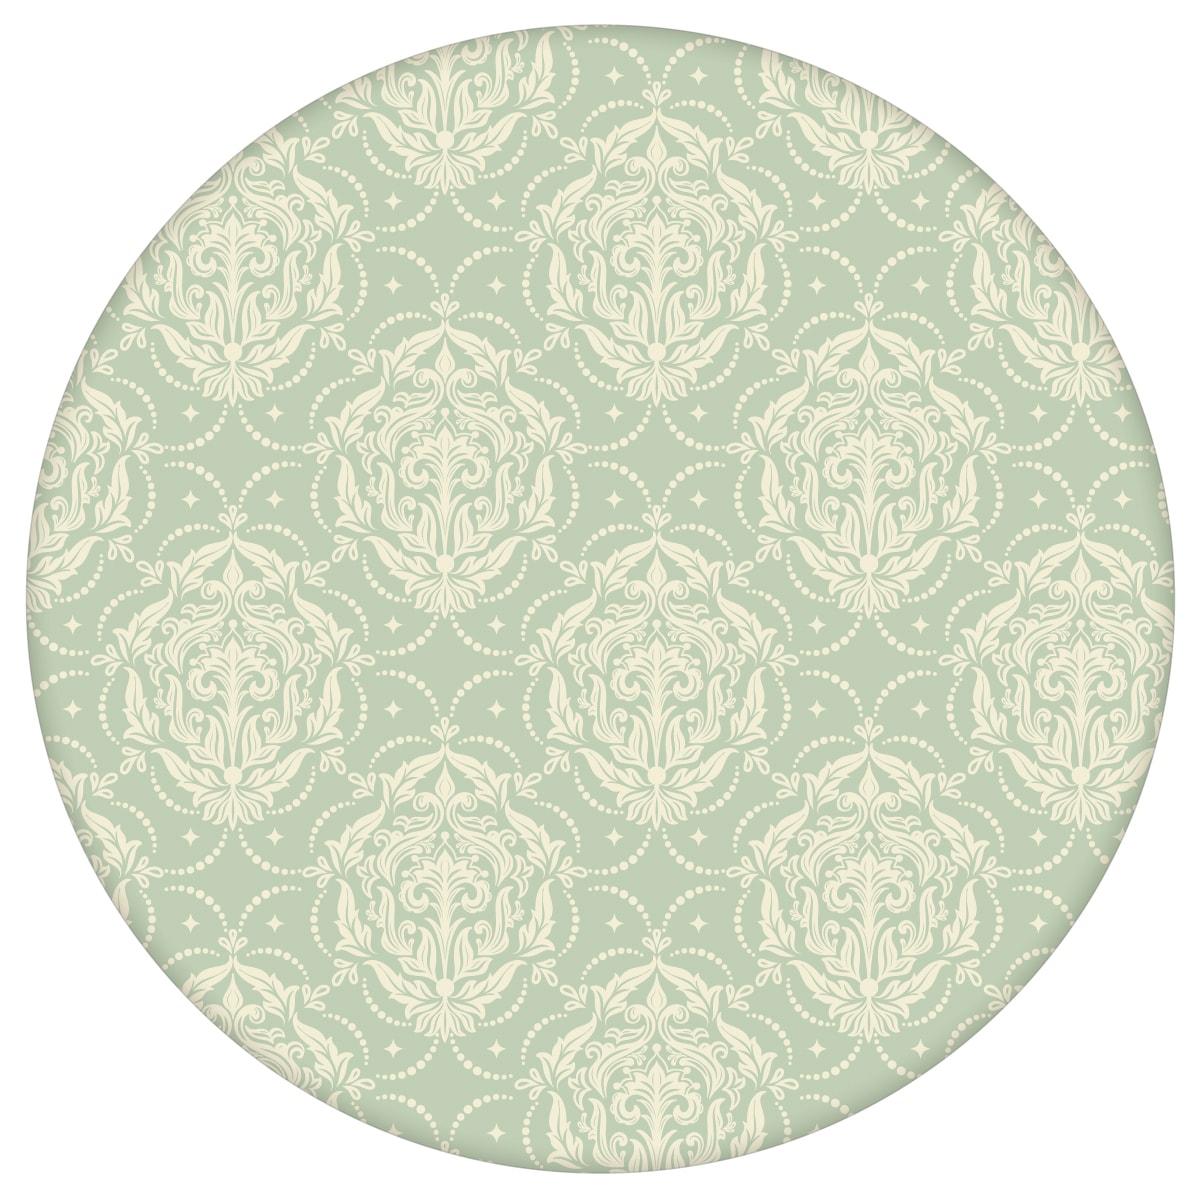 Mint Ornamenttapete My Castle Damast Muster, Design Tapete als Wandgestaltung aus den Tapeten Neuheiten Blumentapeten und Borten als Naturaltouch Luxus Vliestapete oder Basic Vliestapete